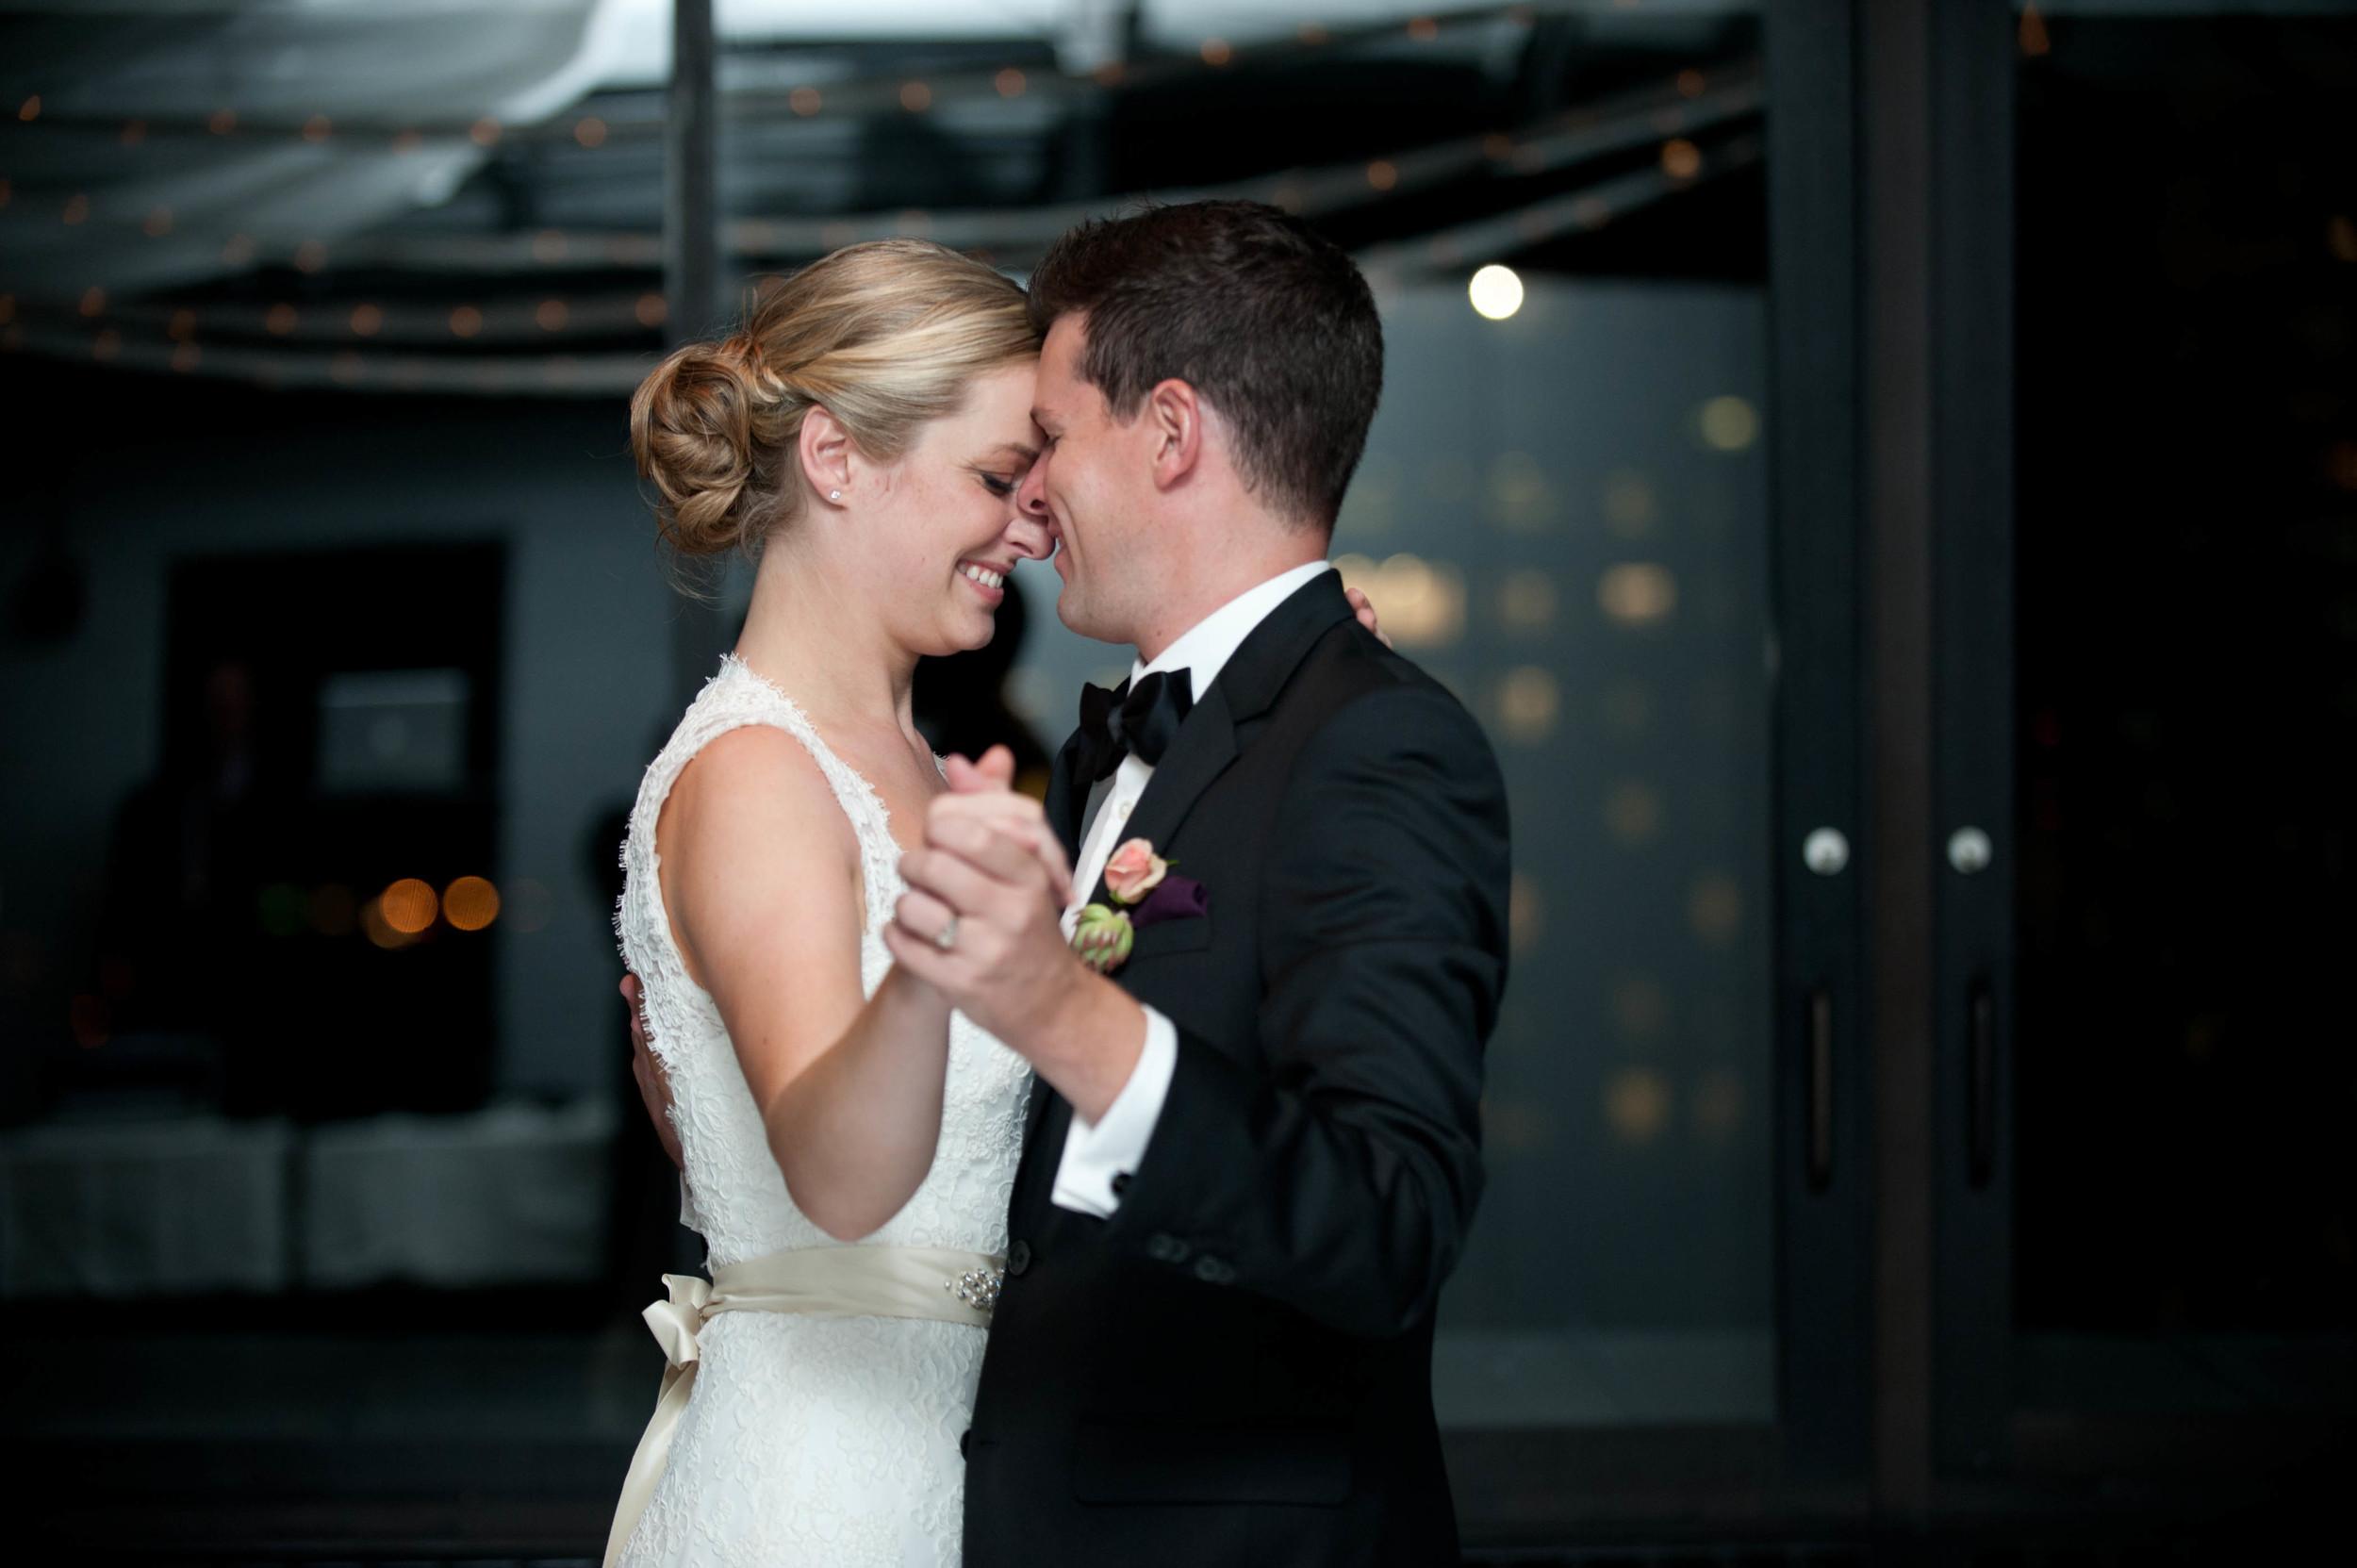 Taj_Wedding_Boston-34.jpg